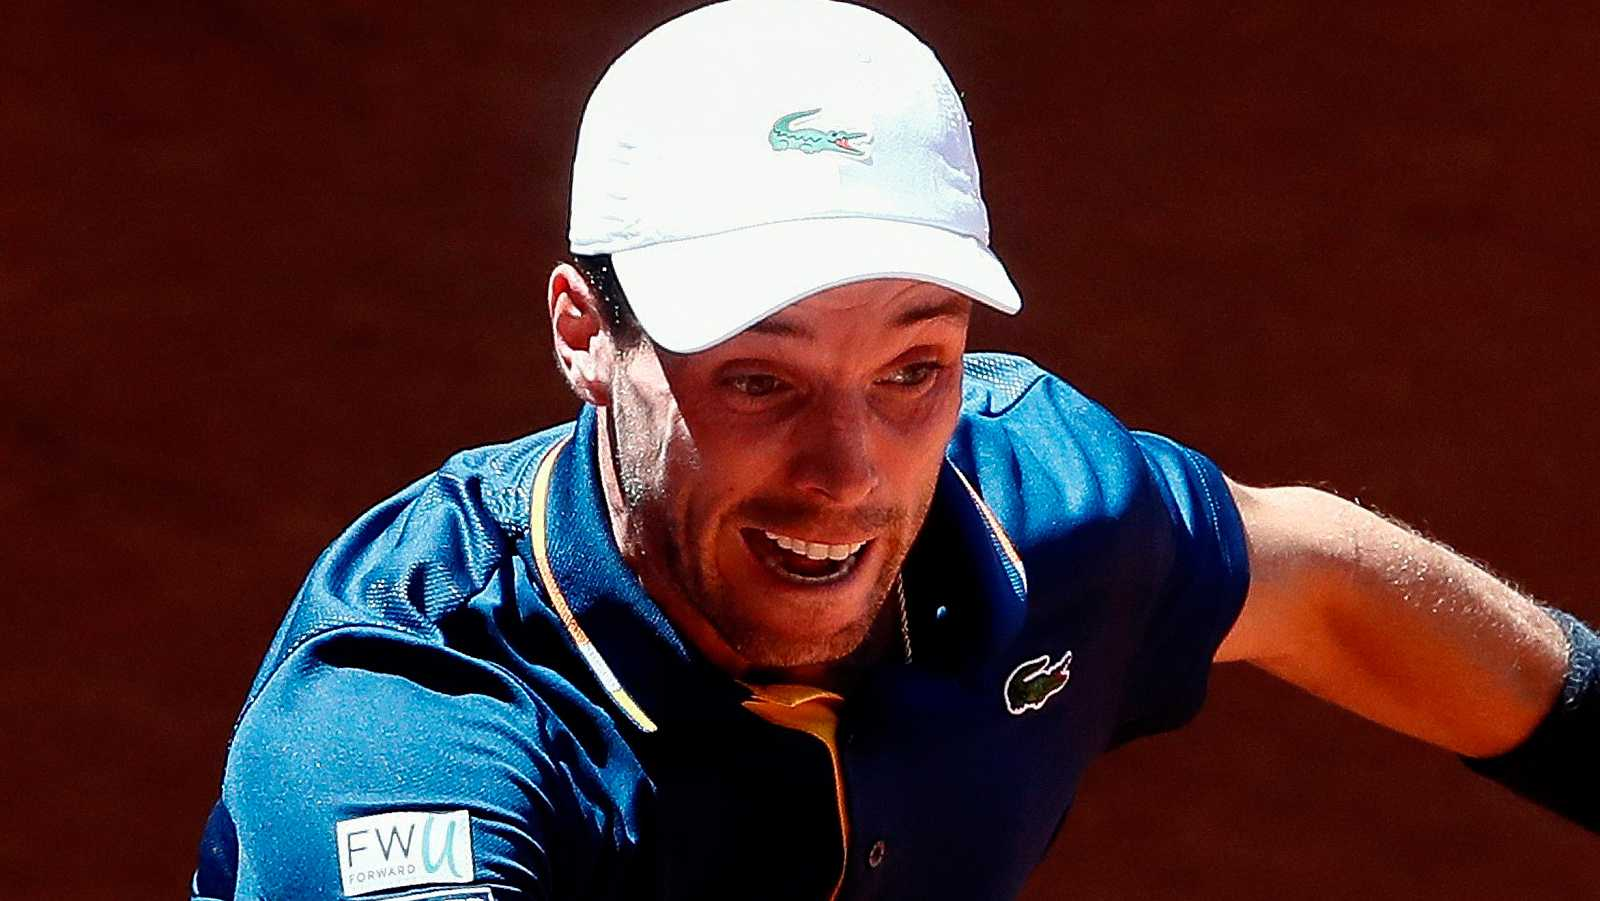 """El tenista español ha derrotado a Donaldson en primera ronda en un partido complicado que tuvo que remontar y tras el que aseguró que le había """"costado mucho encontrar el ritmo de partido""""."""